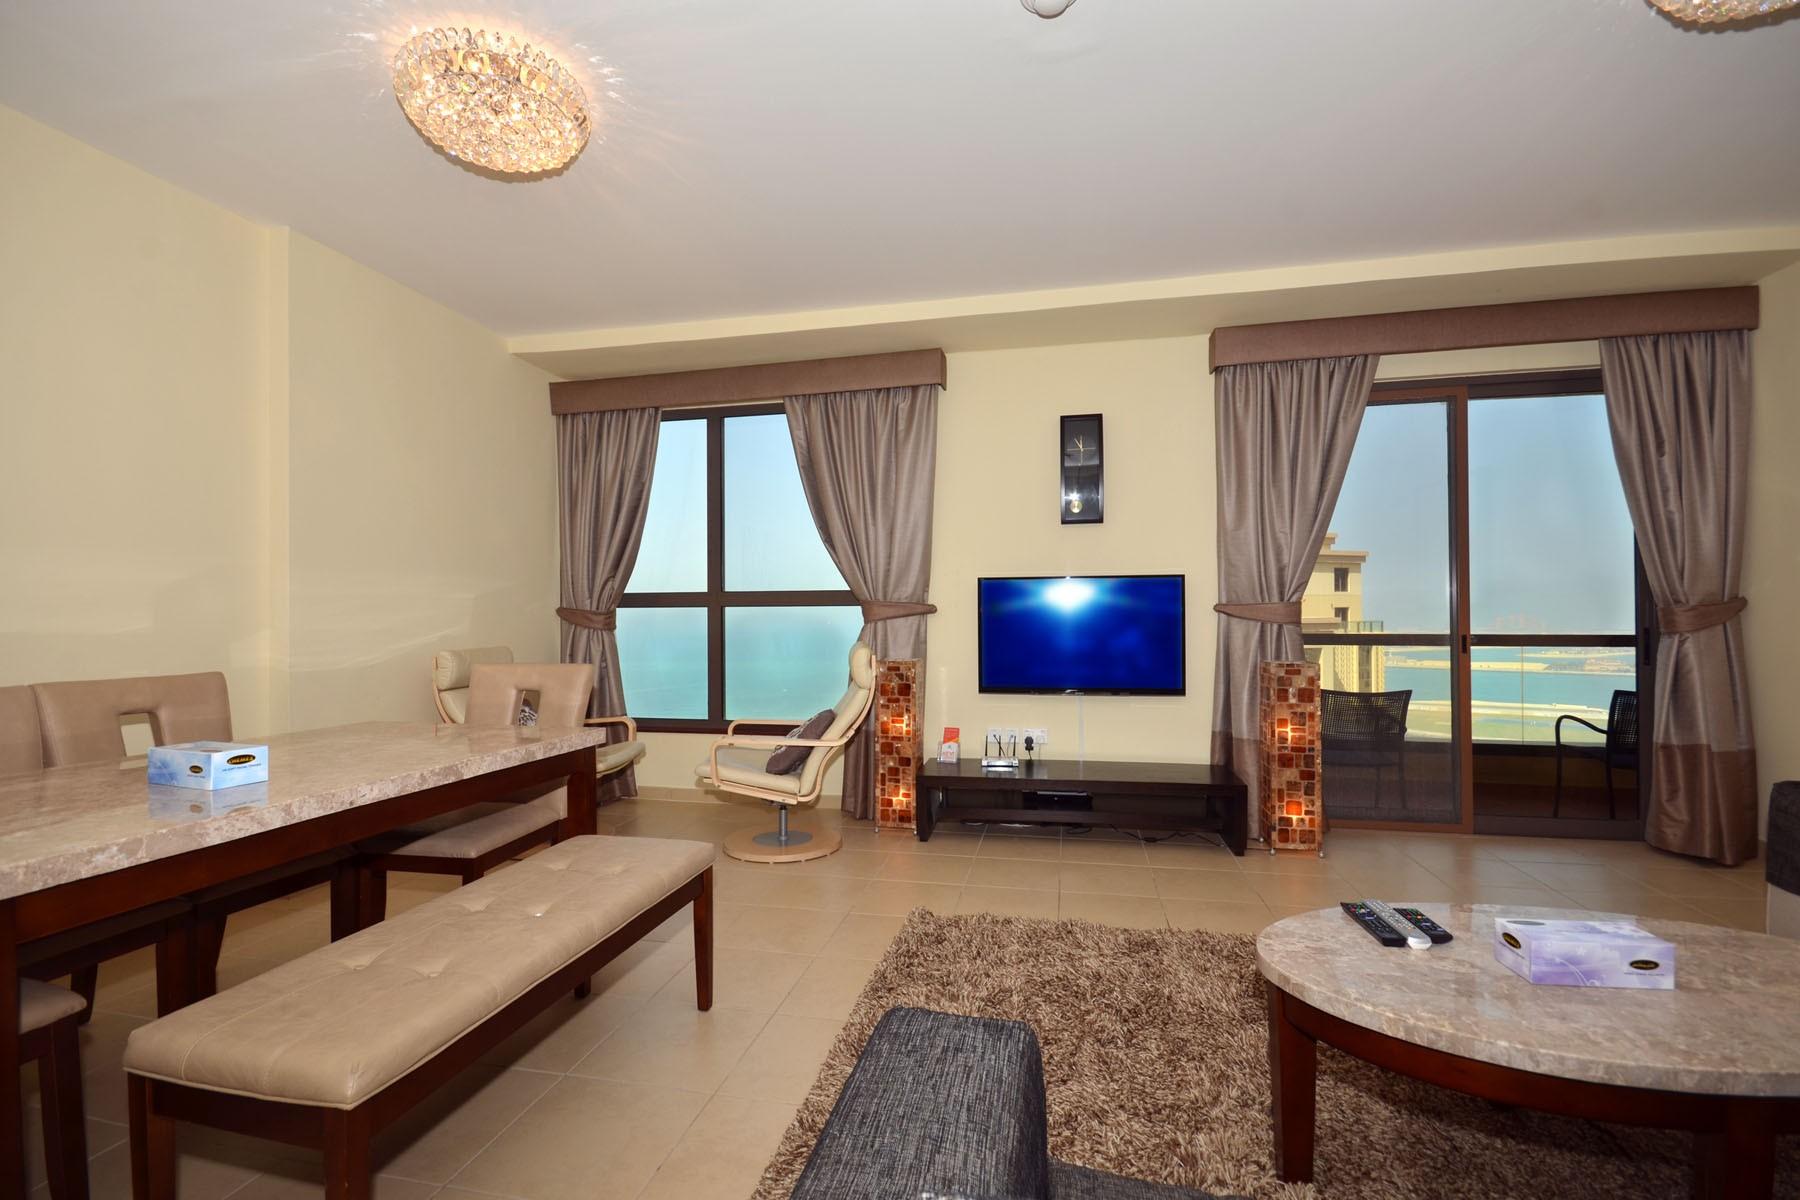 apartments in dubai sea view 2br in murjan 1